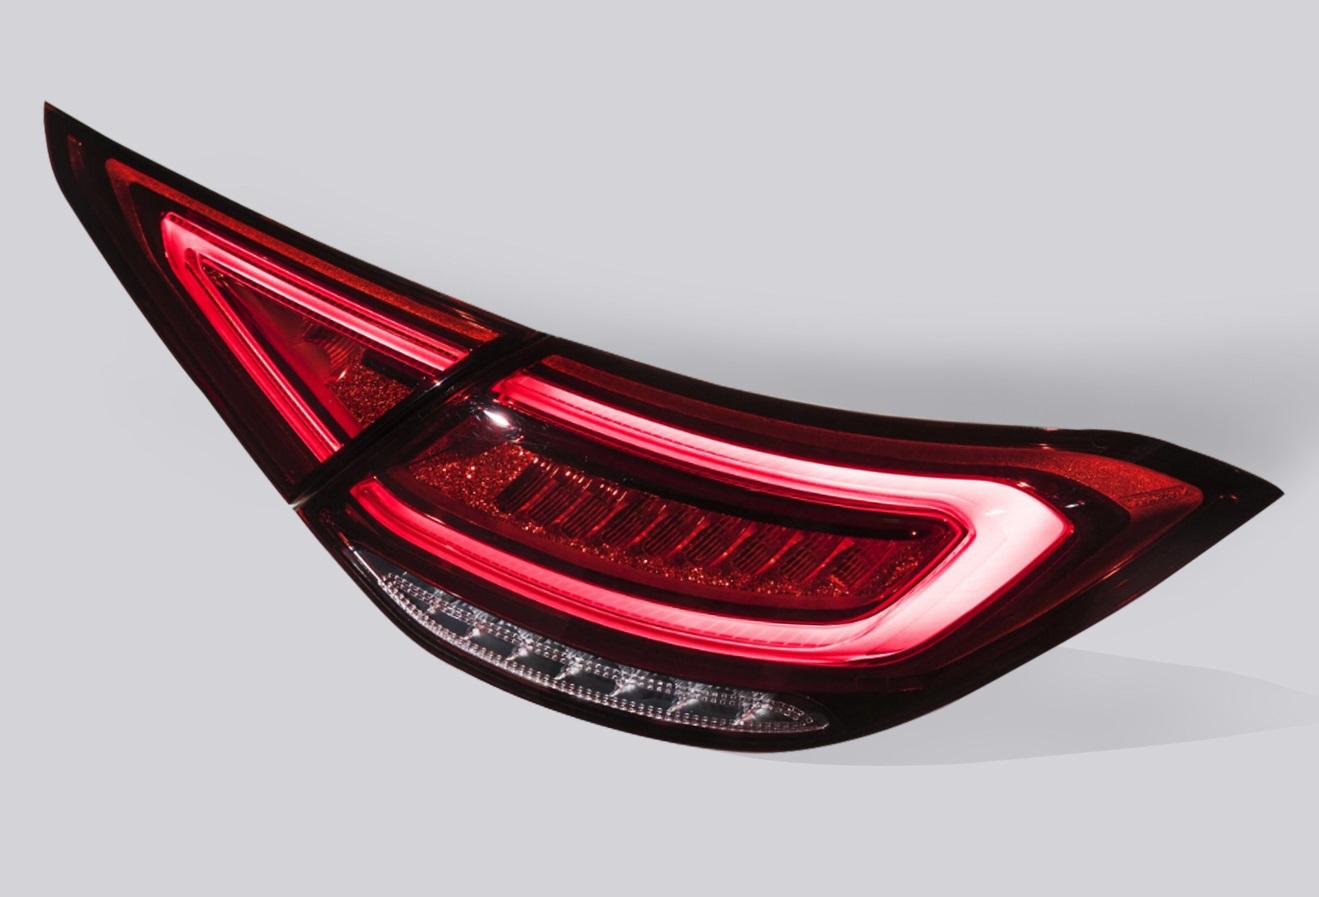 中国国际汽车照明论坛:海拉创新照明科技闪耀全场图片